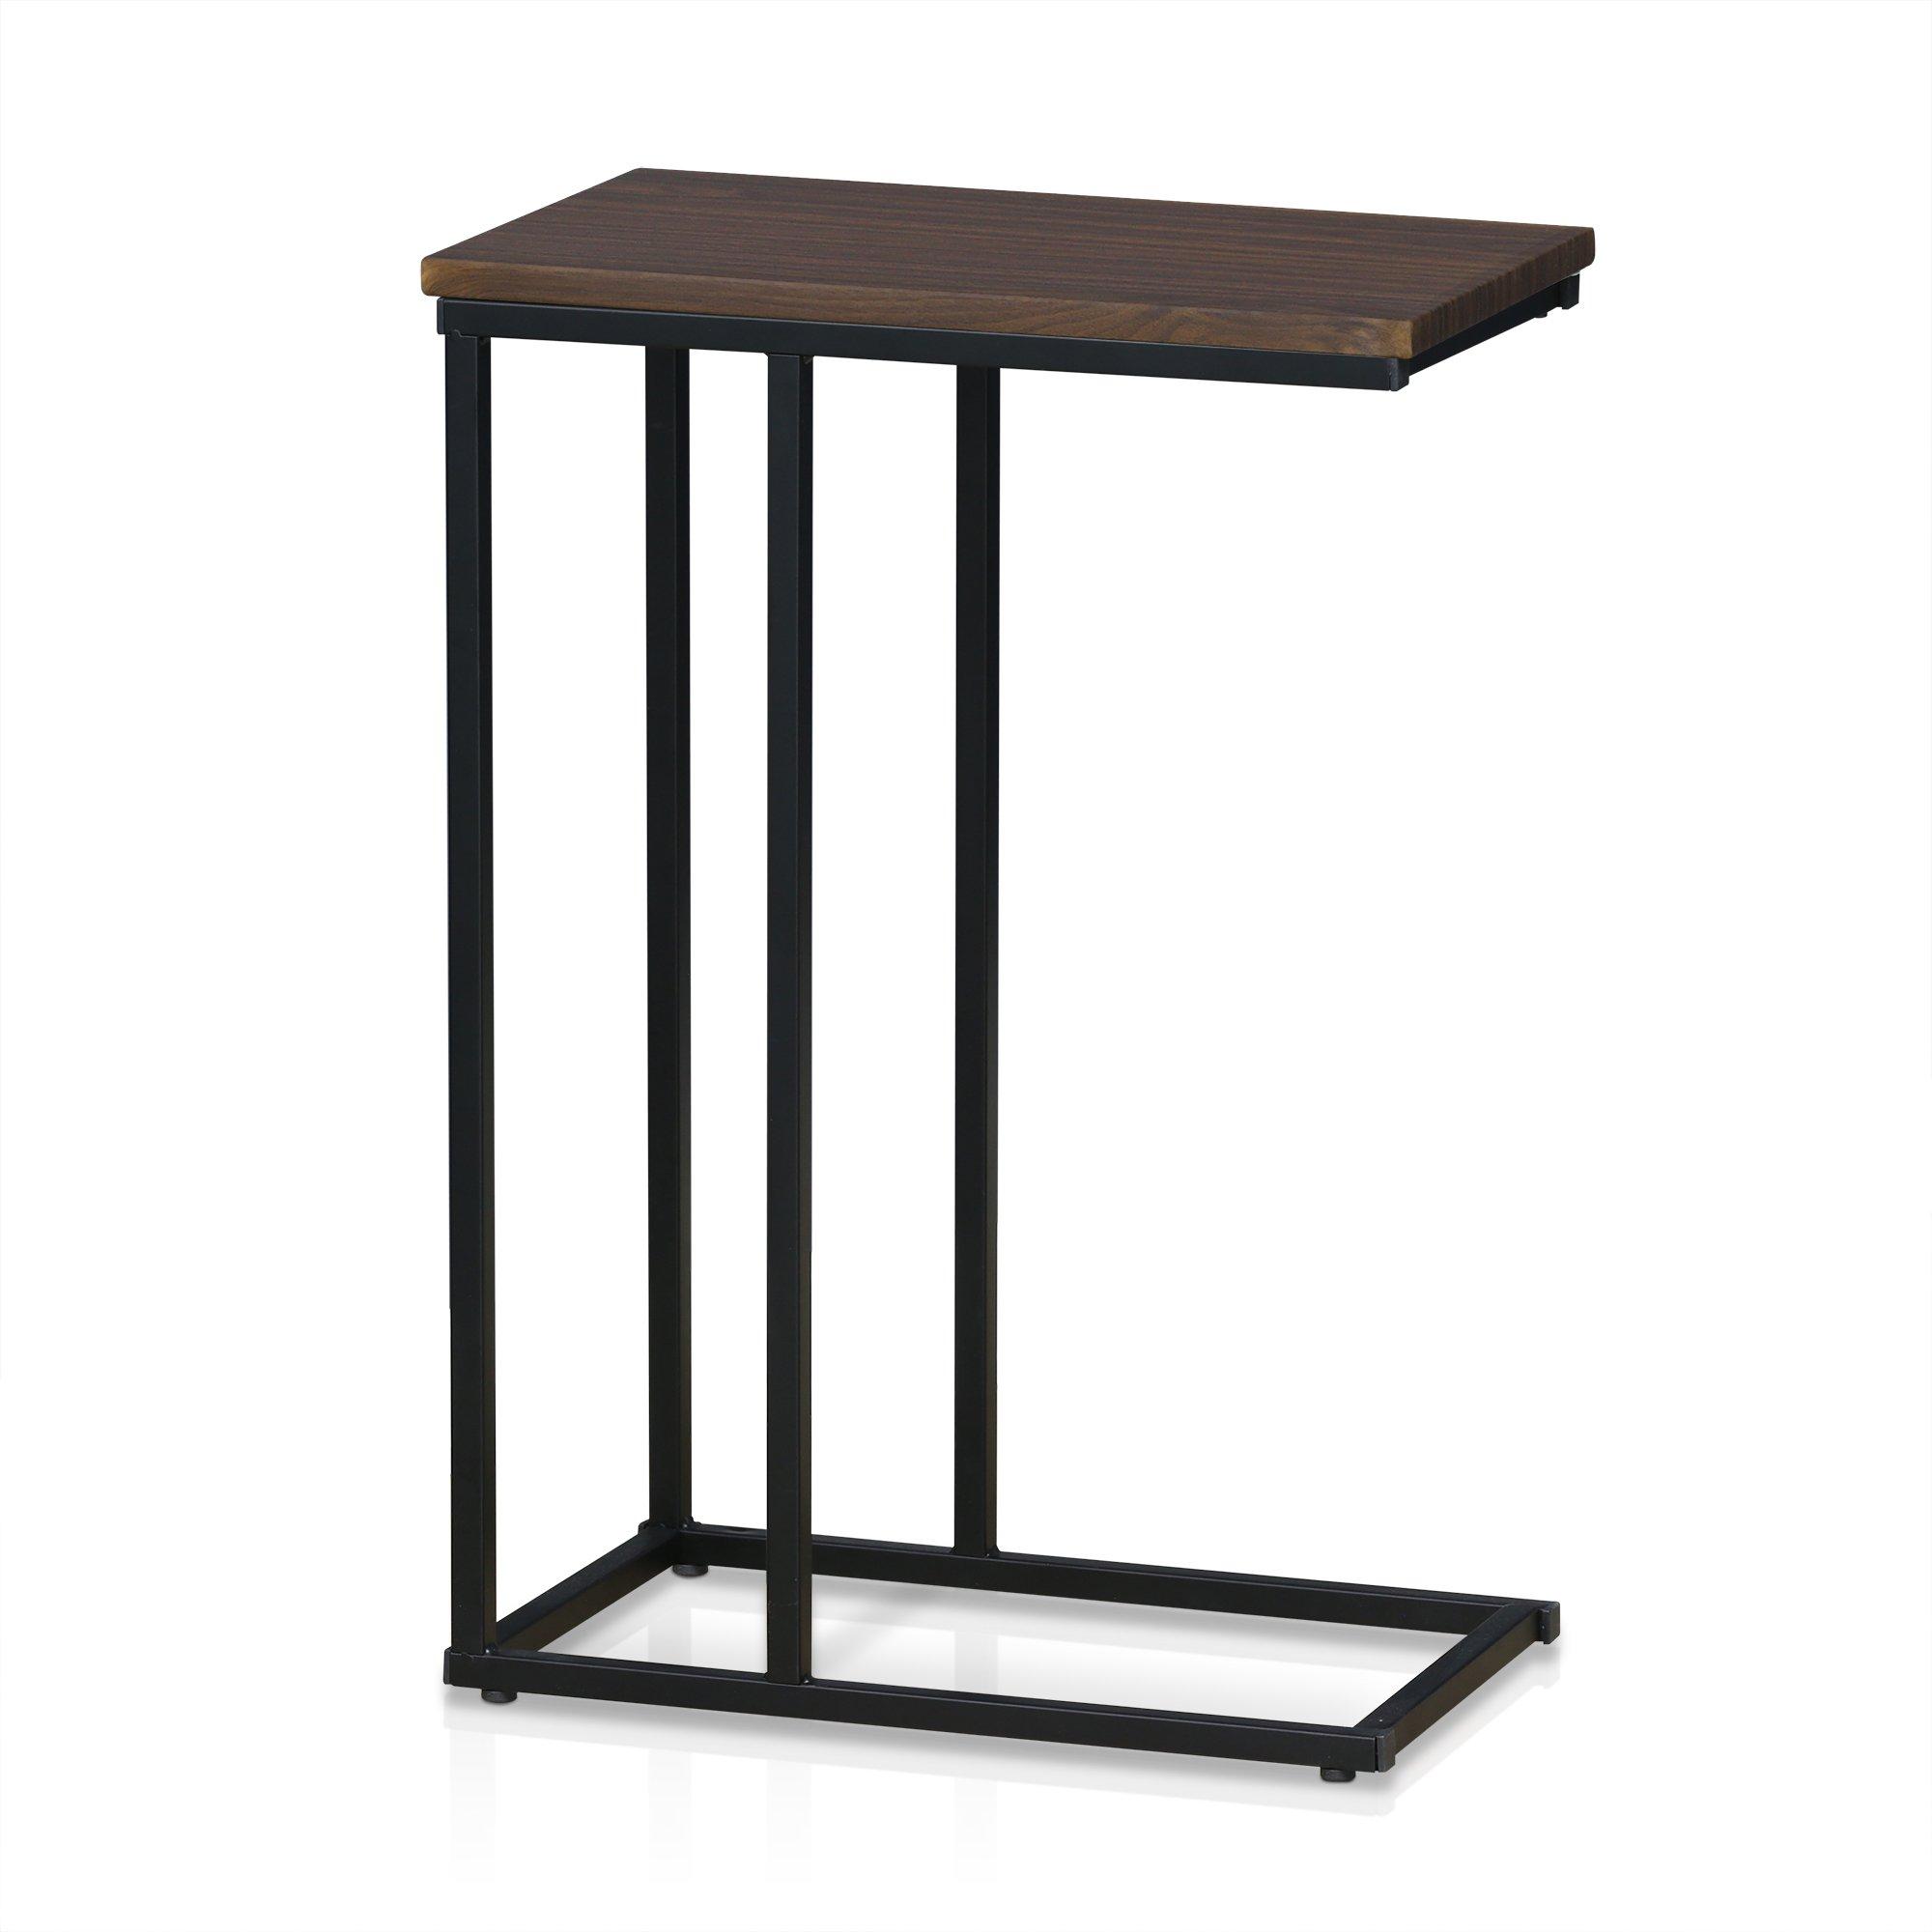 Furinno FM4563ST-1DW Modern Lifestyle Side Table, Dark Walnut